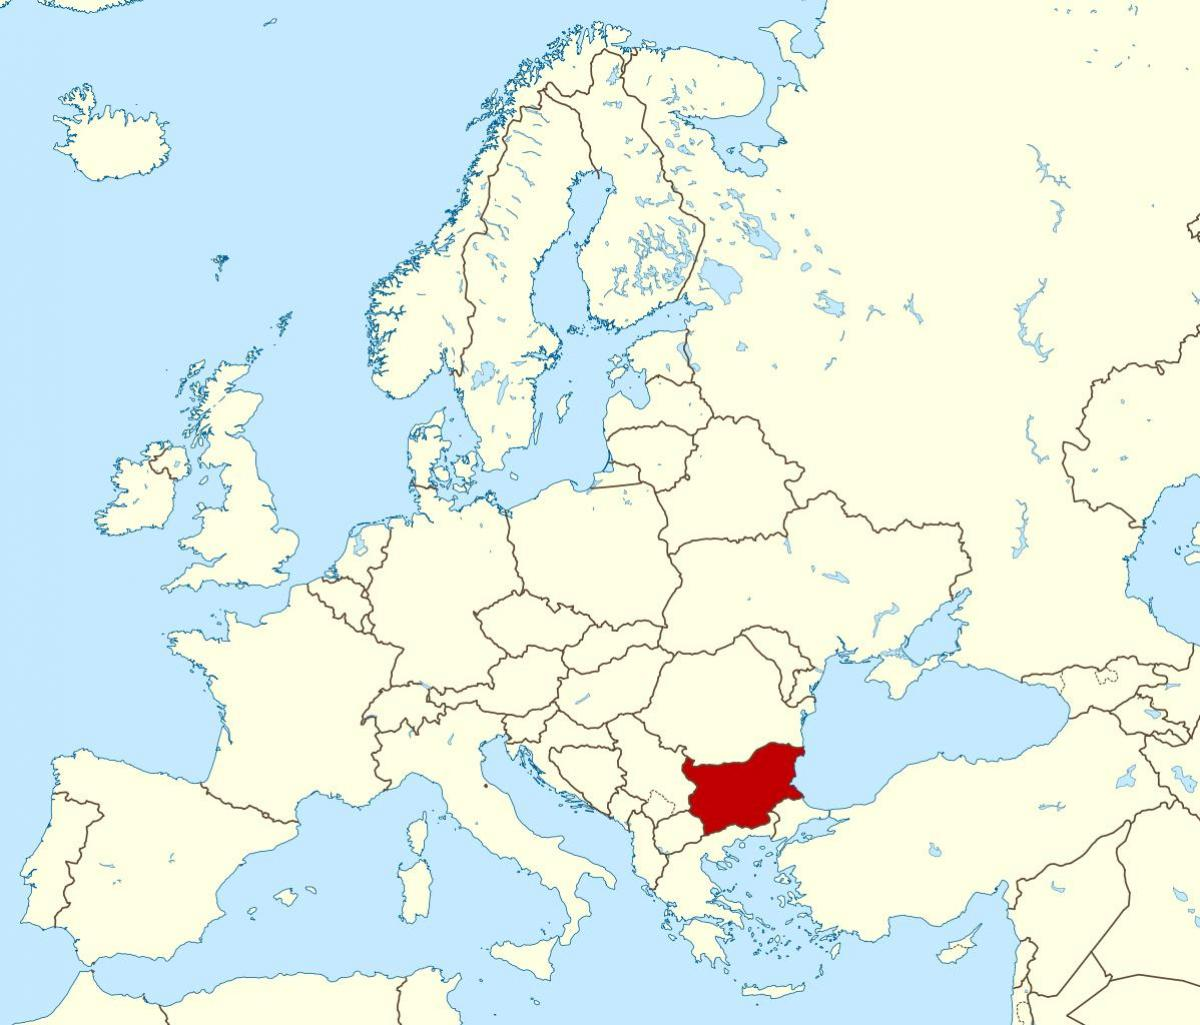 Bugarska Mapa Na Karti Svijeta Mapa Pokazuje Bugarska Istocne